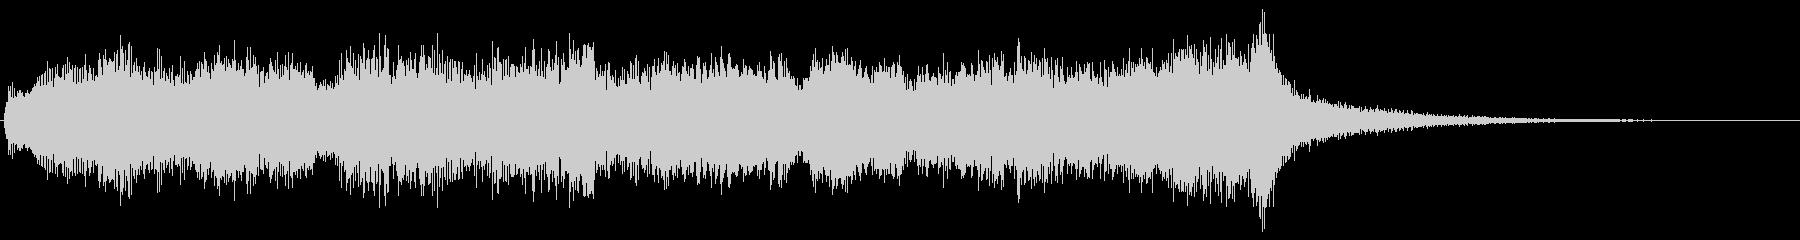 ハロウィン系ジングル シリアスでダークの未再生の波形